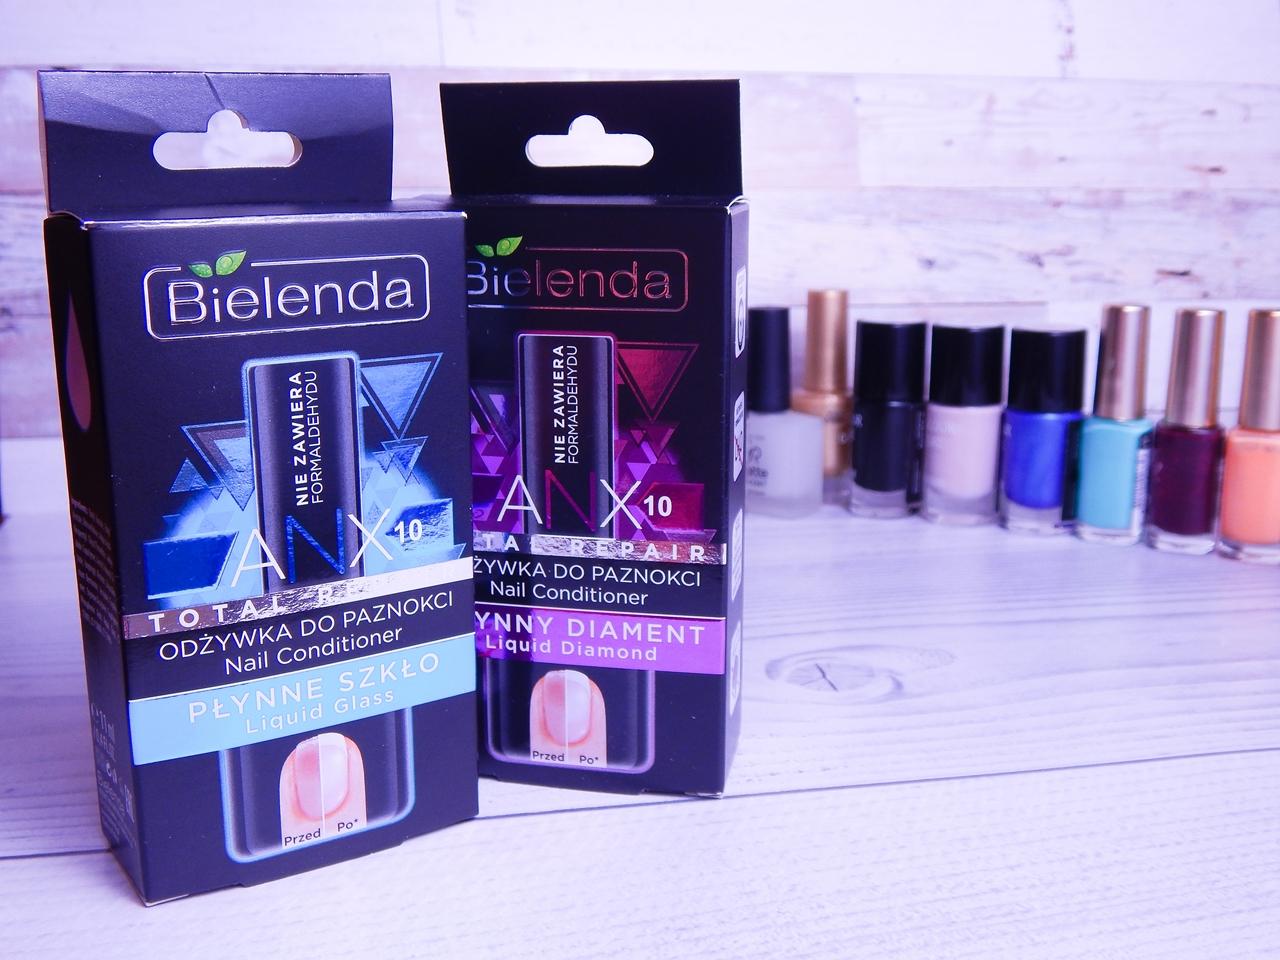 1 nagłowek bielenda total repair odżywka płynne szkło płynny diament anx recenzja najlepsze odżywki serum do paznokci jak wzmocnić paznokcie french manicure